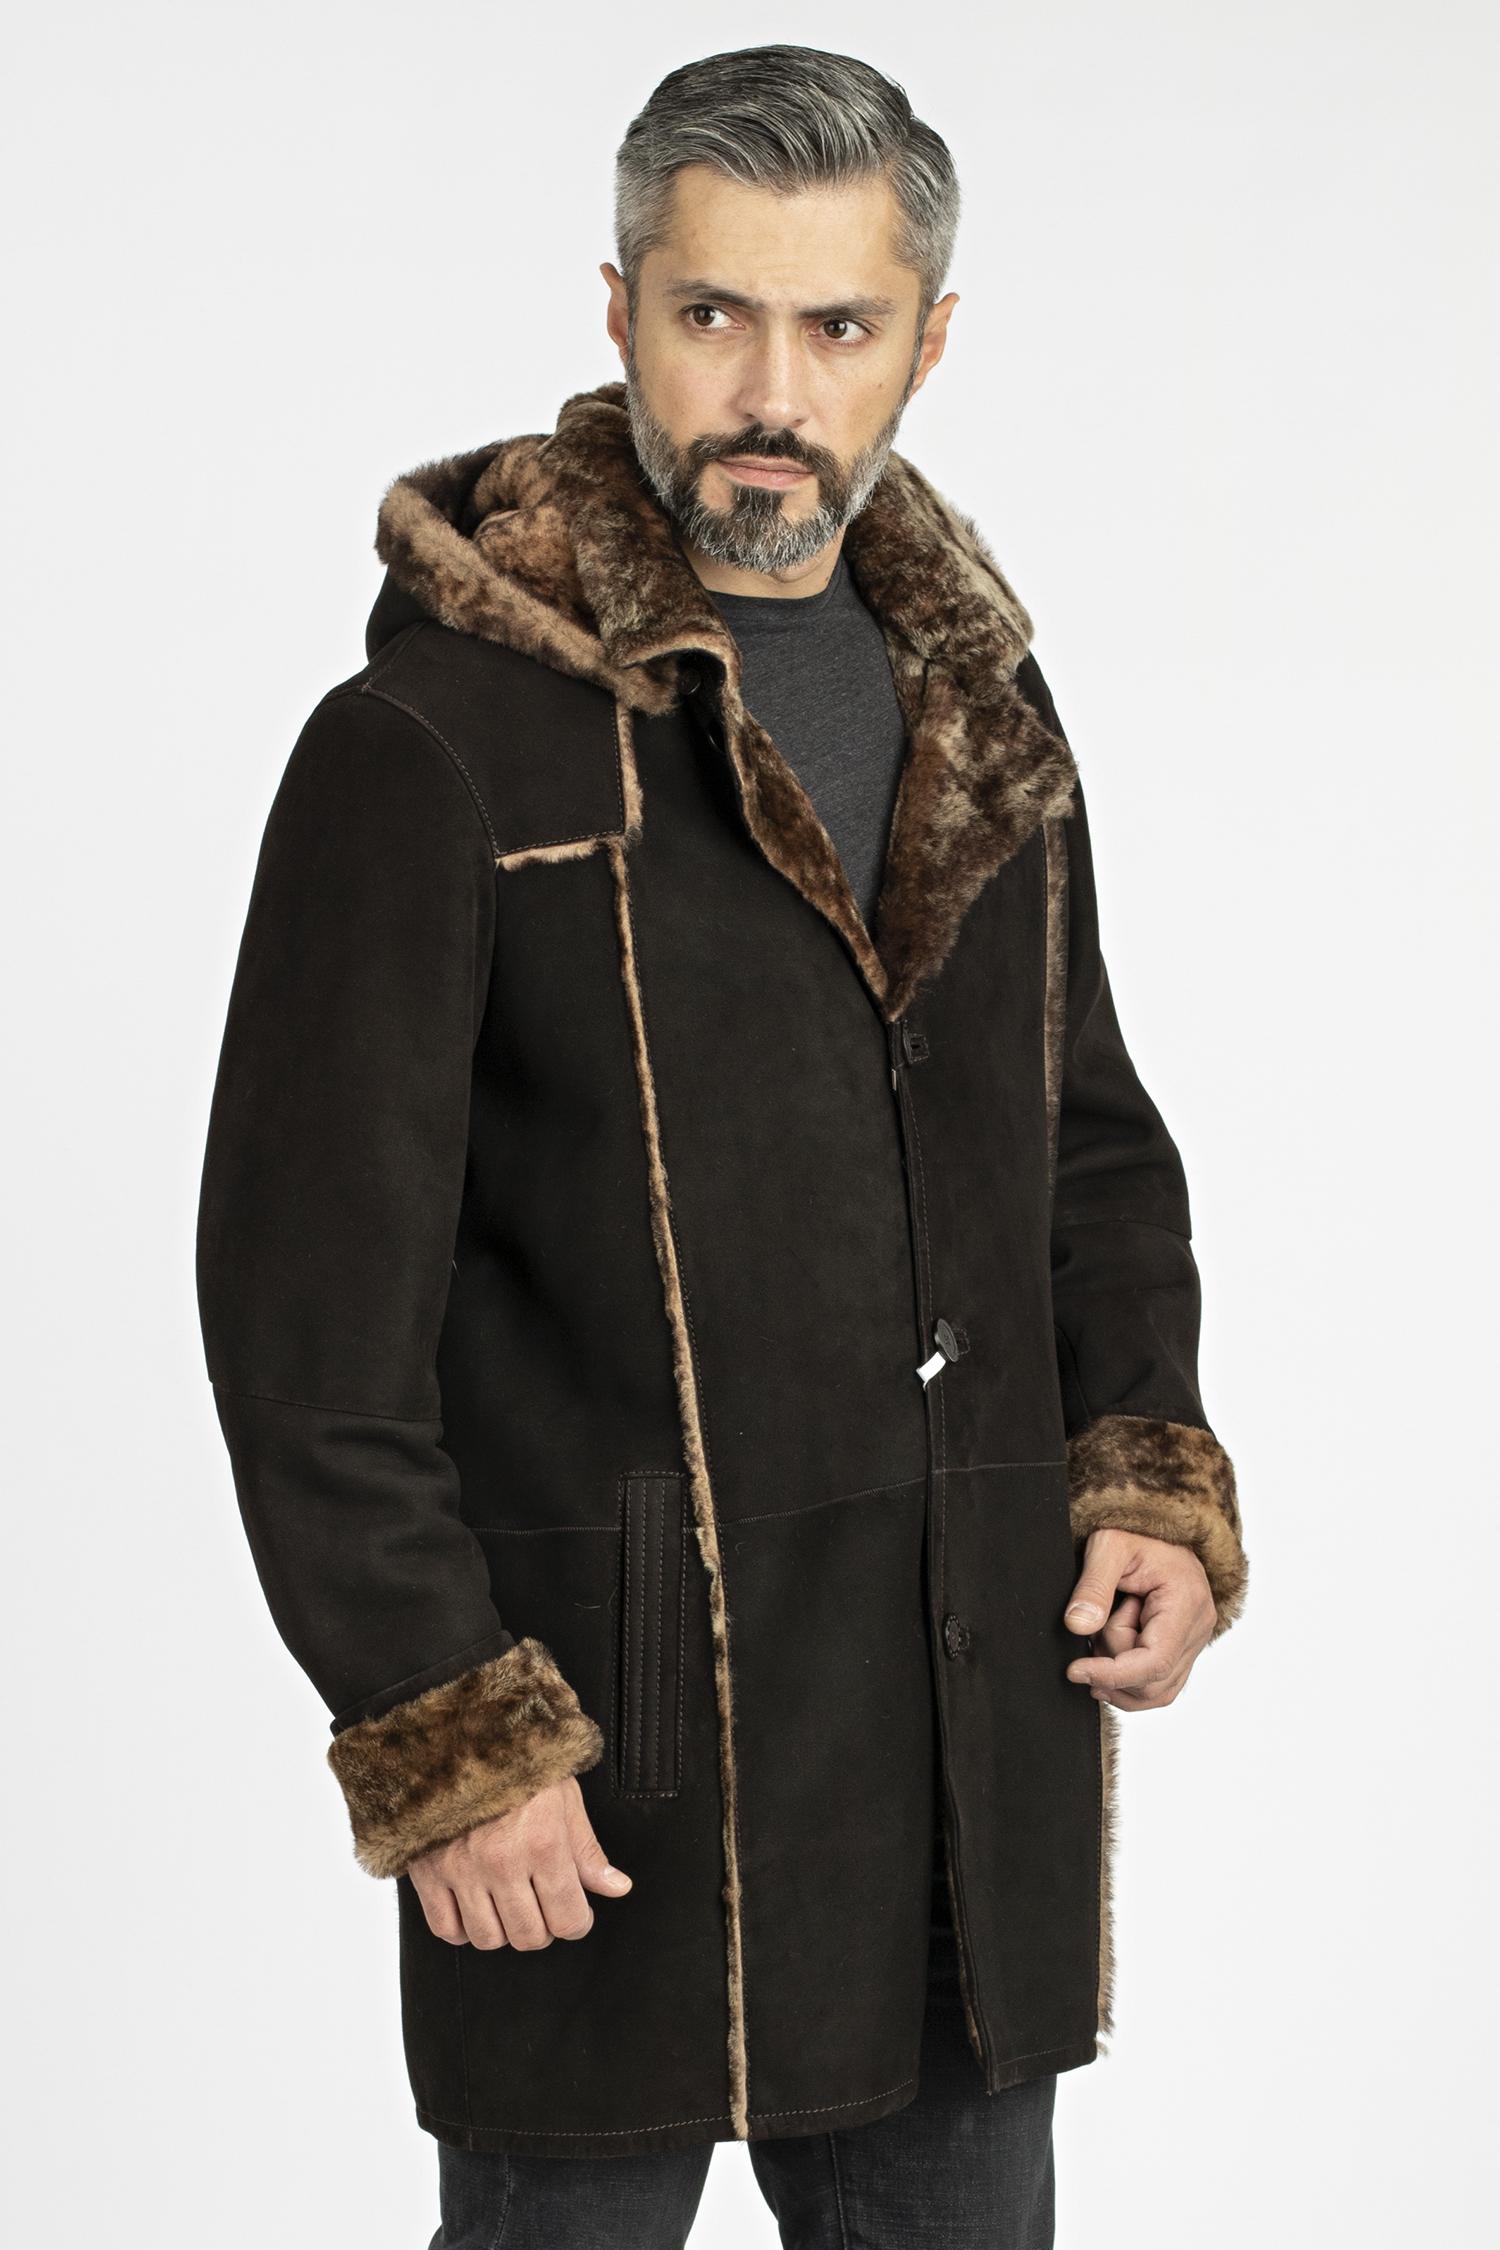 Дубленка мужская из натуральной овчины с капюшоном, без отделки